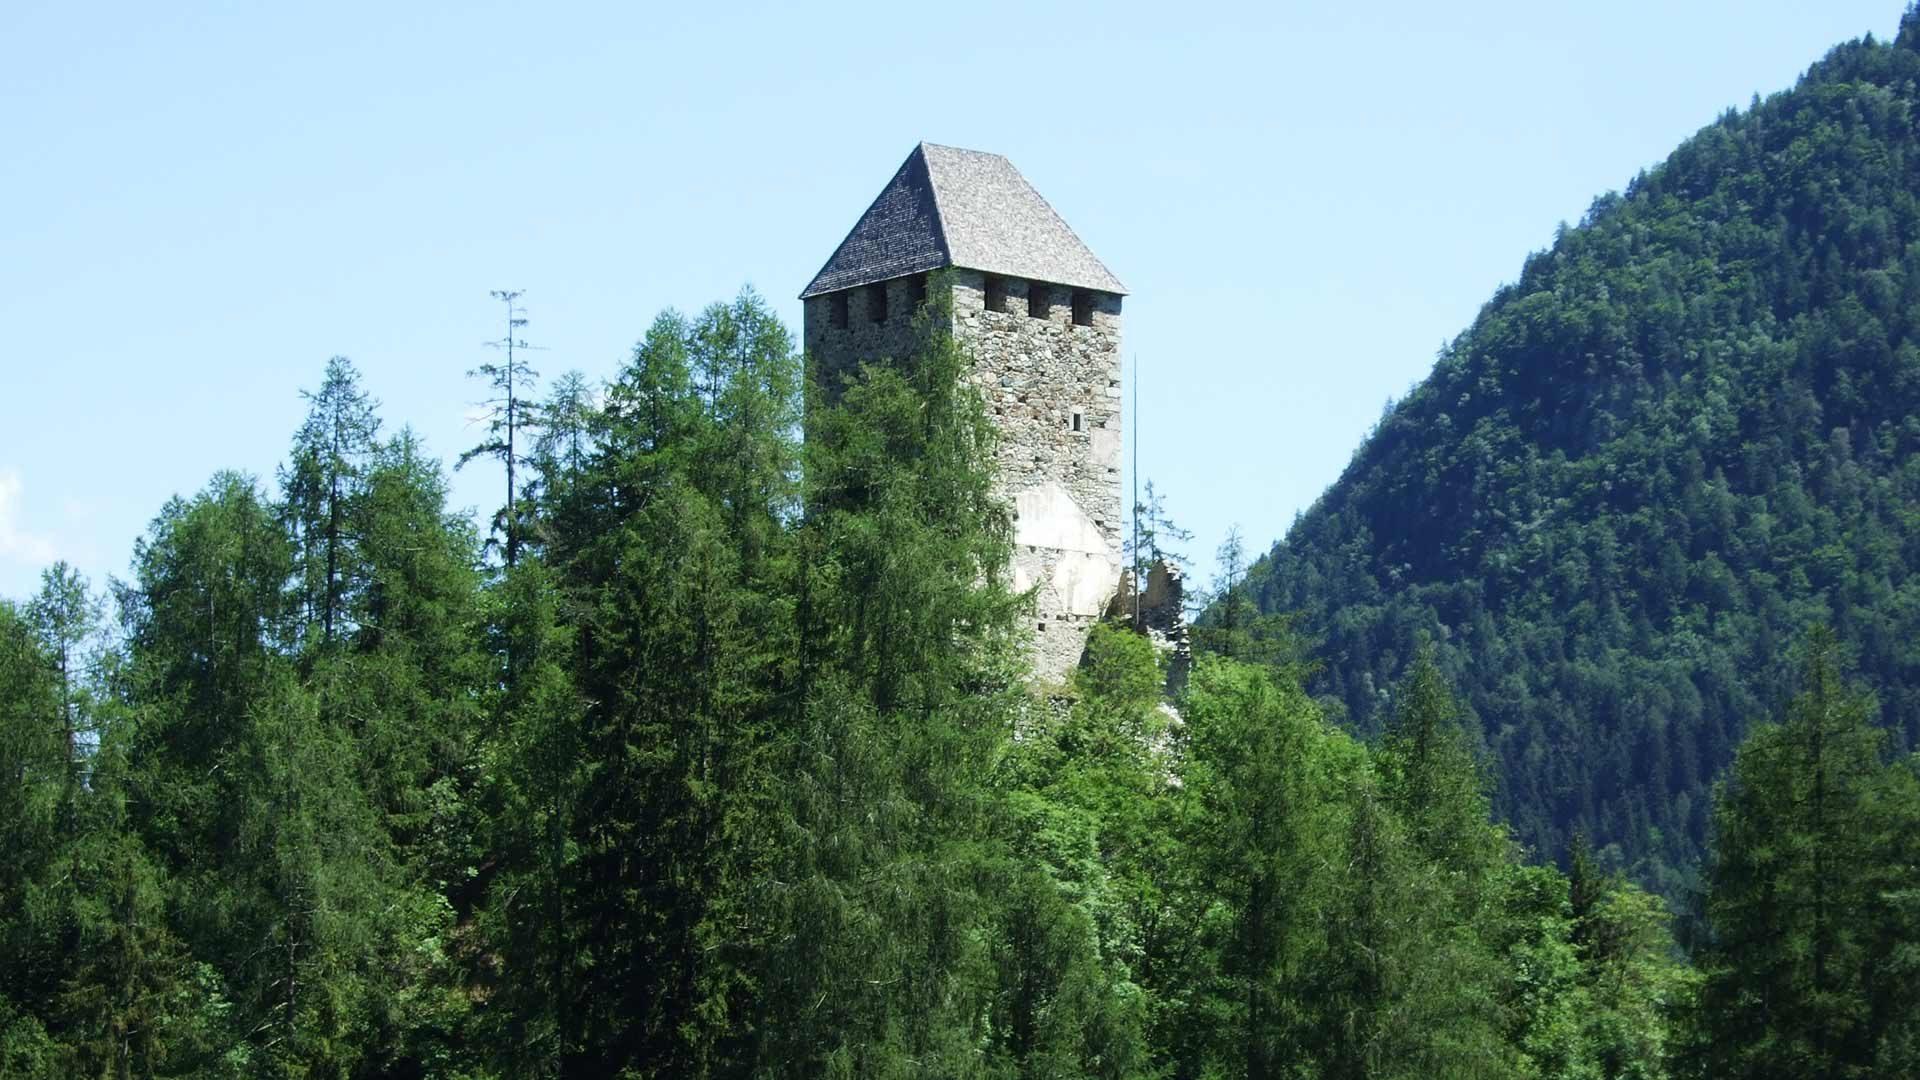 Naturlehrpfad Eschenlohe